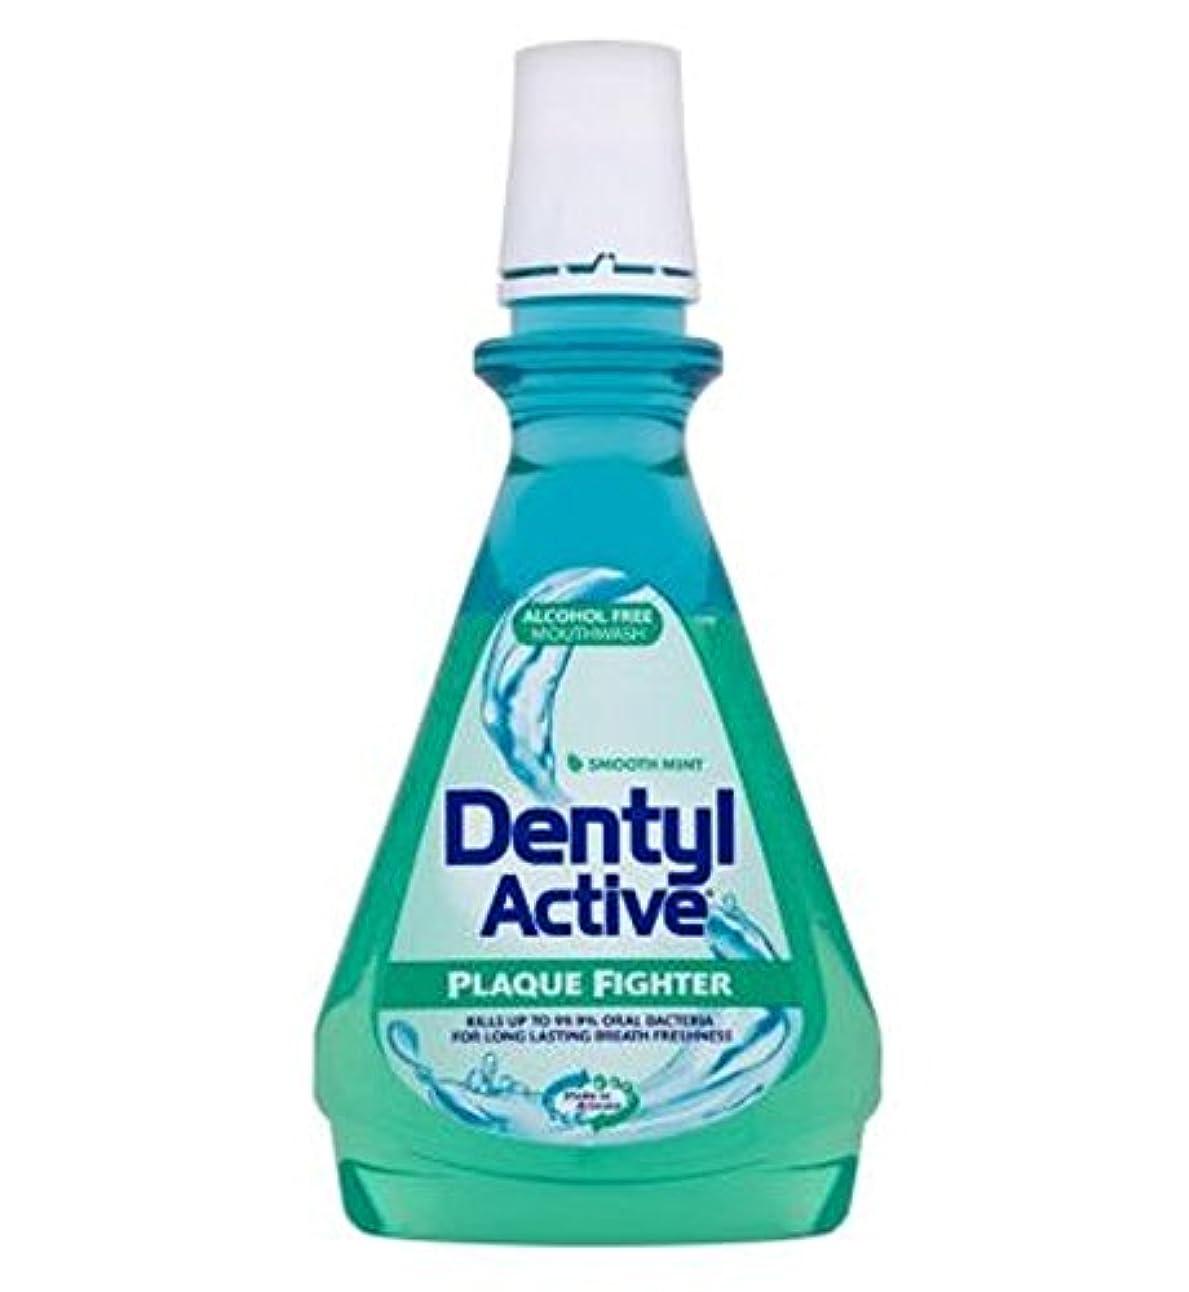 女優広くレッドデートDentylアクティブな滑らかなミントマウスウォッシュ500ミリリットル (Dentyl) (x2) - Dentyl Active Smooth Mint Mouthwash 500ml (Pack of 2) [並行輸入品]